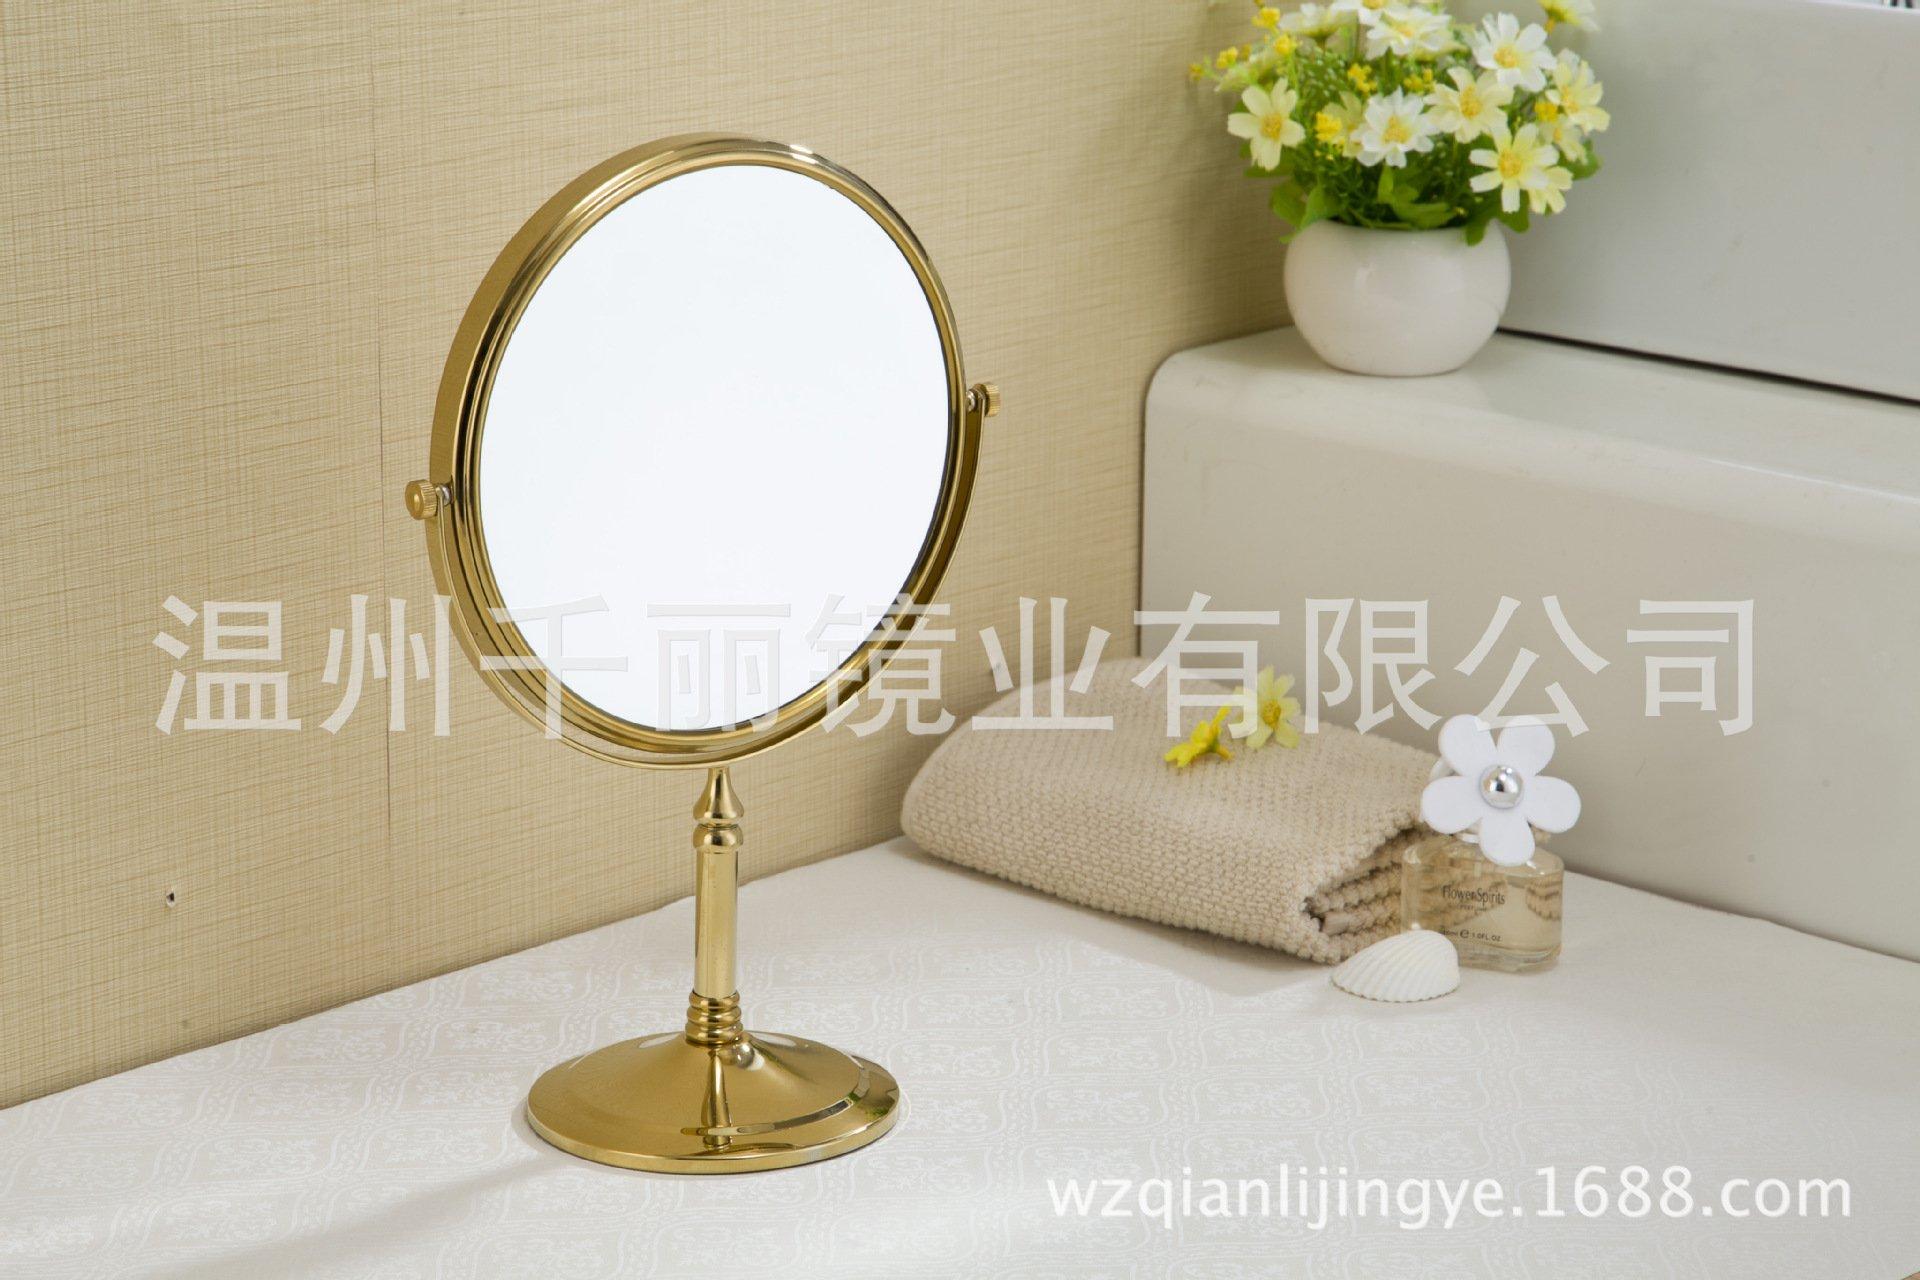 Cosmetic mirror desk mirror bronze makeup mirror cosmetic mirror 6 inch